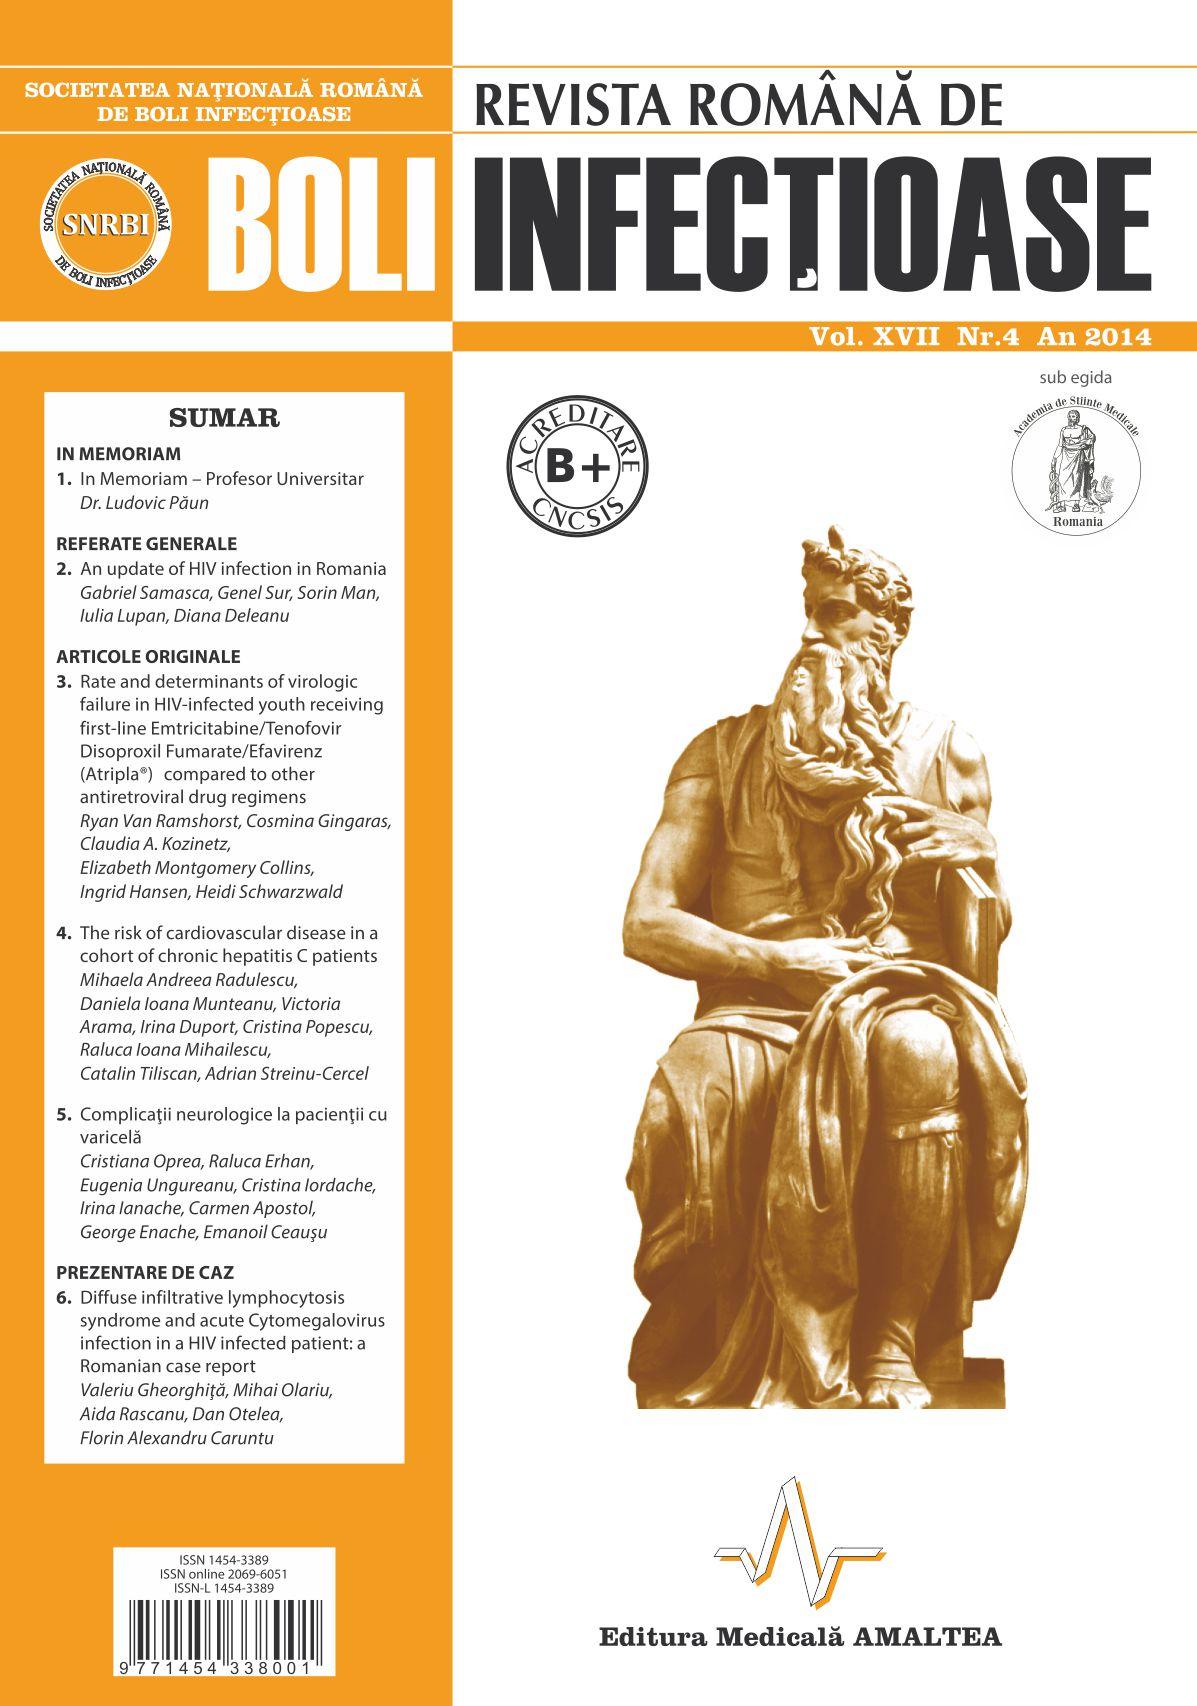 Revista Romana de Boli Infectioase | Vol. XVII, No. 4, 2014